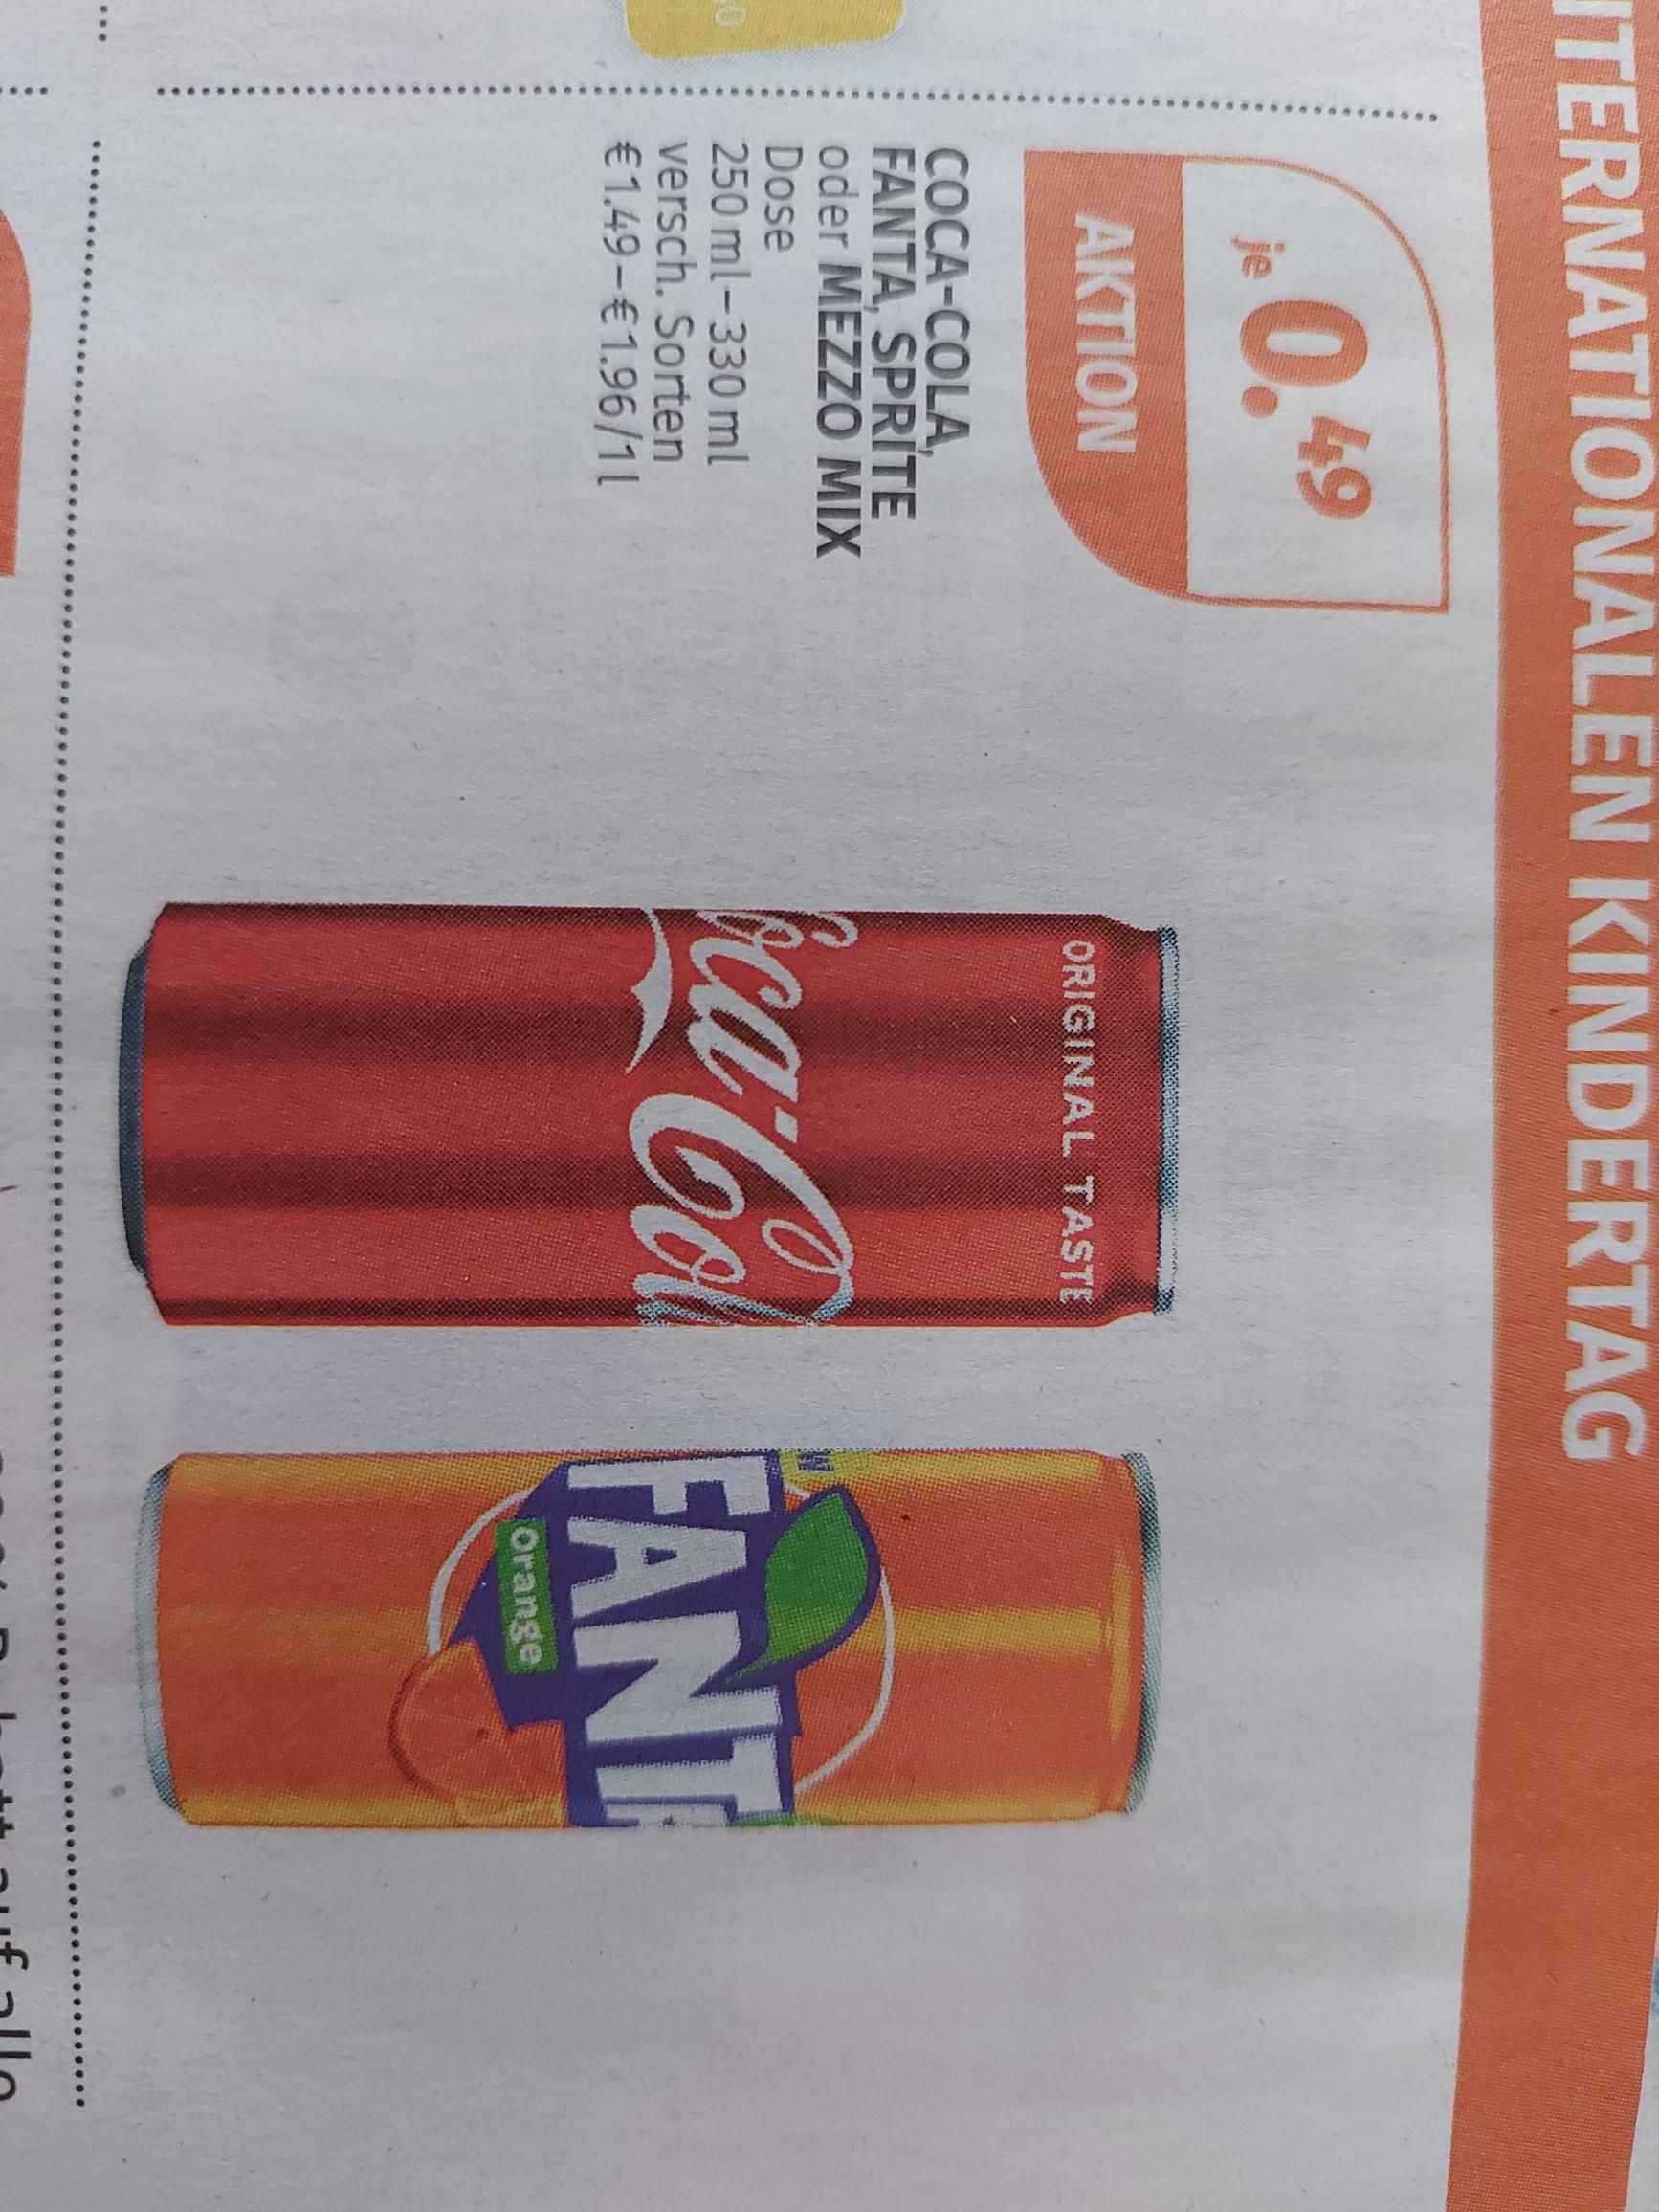 Müller - Coca-Cola, Fanta, Sprite o. Mezzo Mix